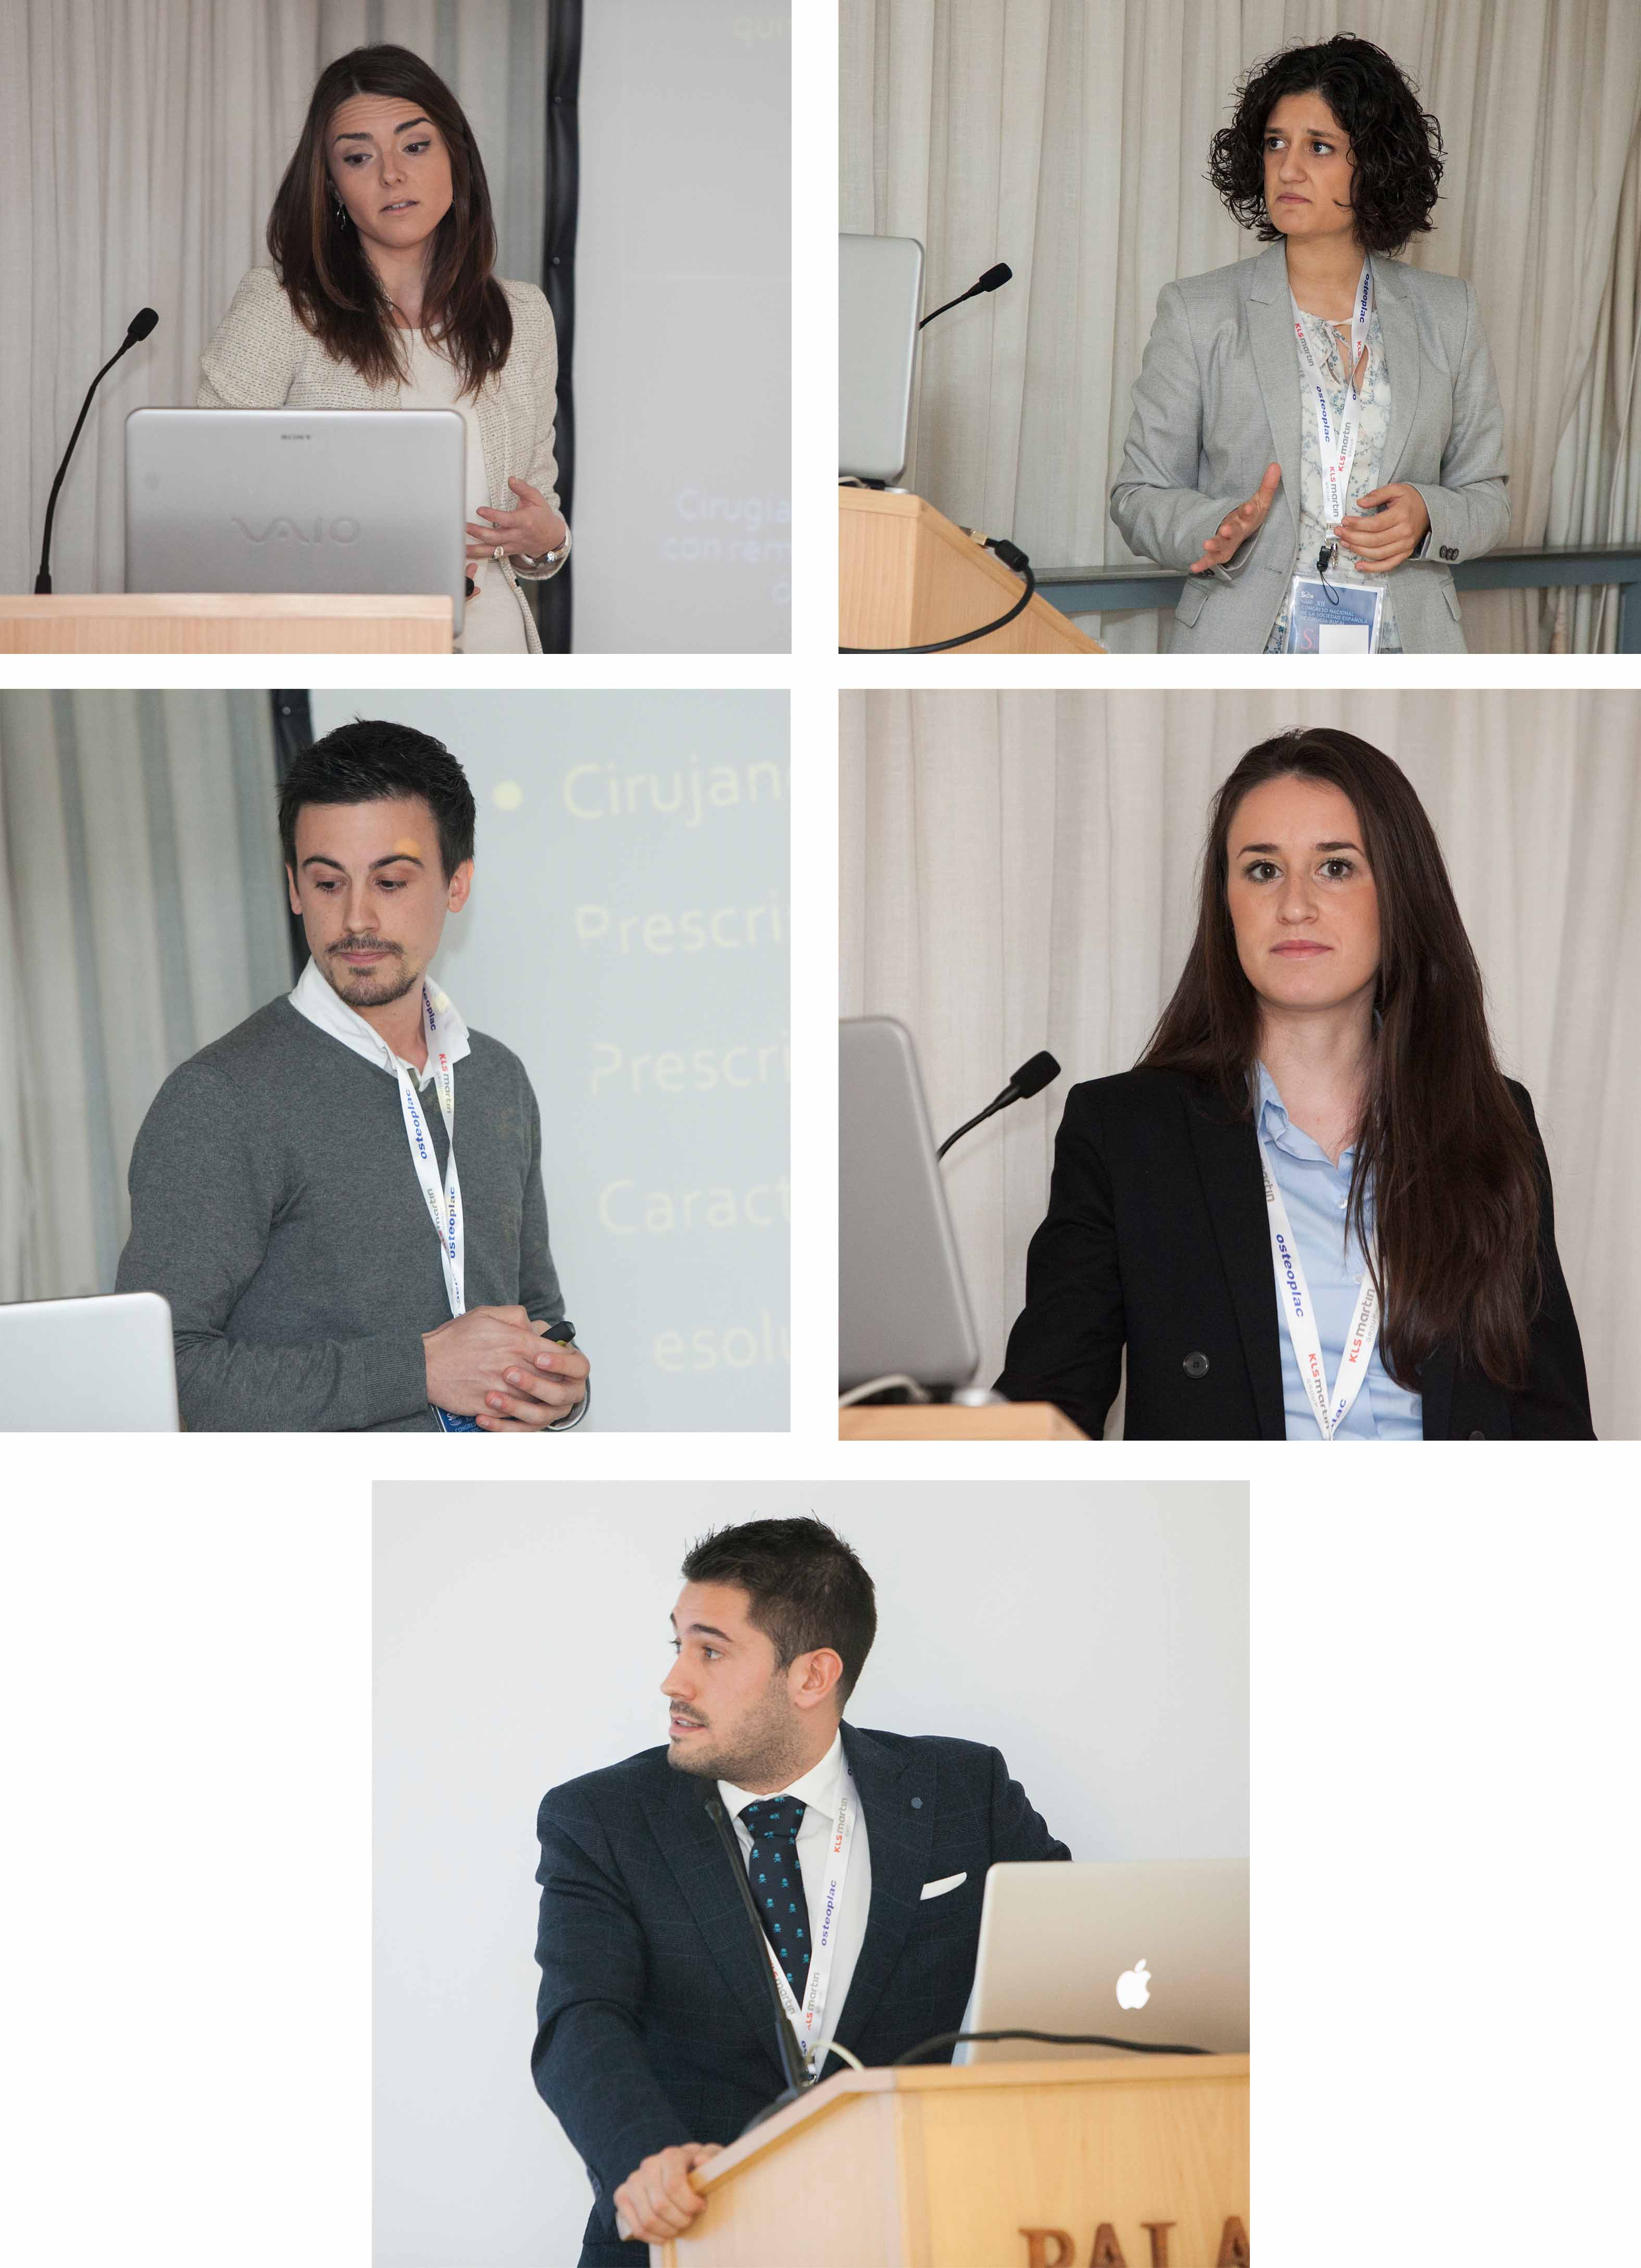 Presentacions